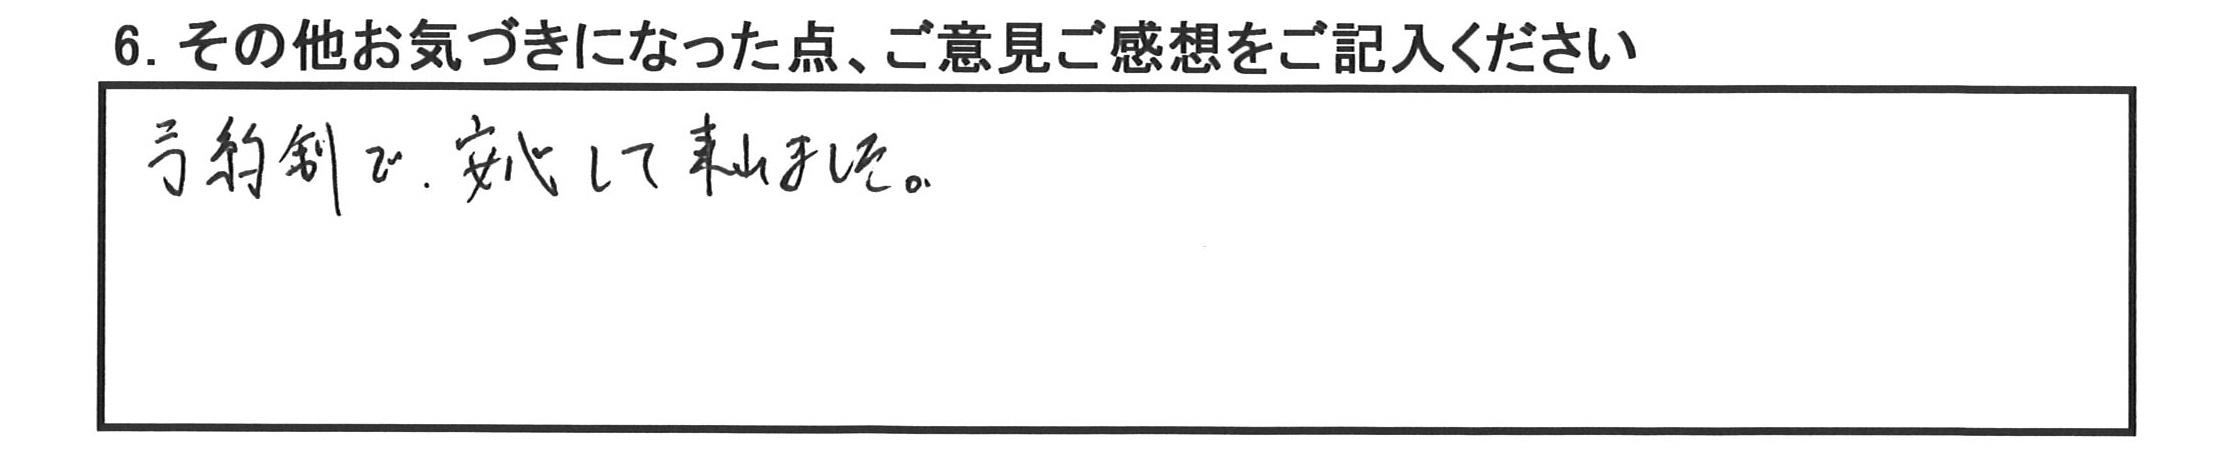 ボルボC70T5の藤沢市O様より、うれしい声をいただきました